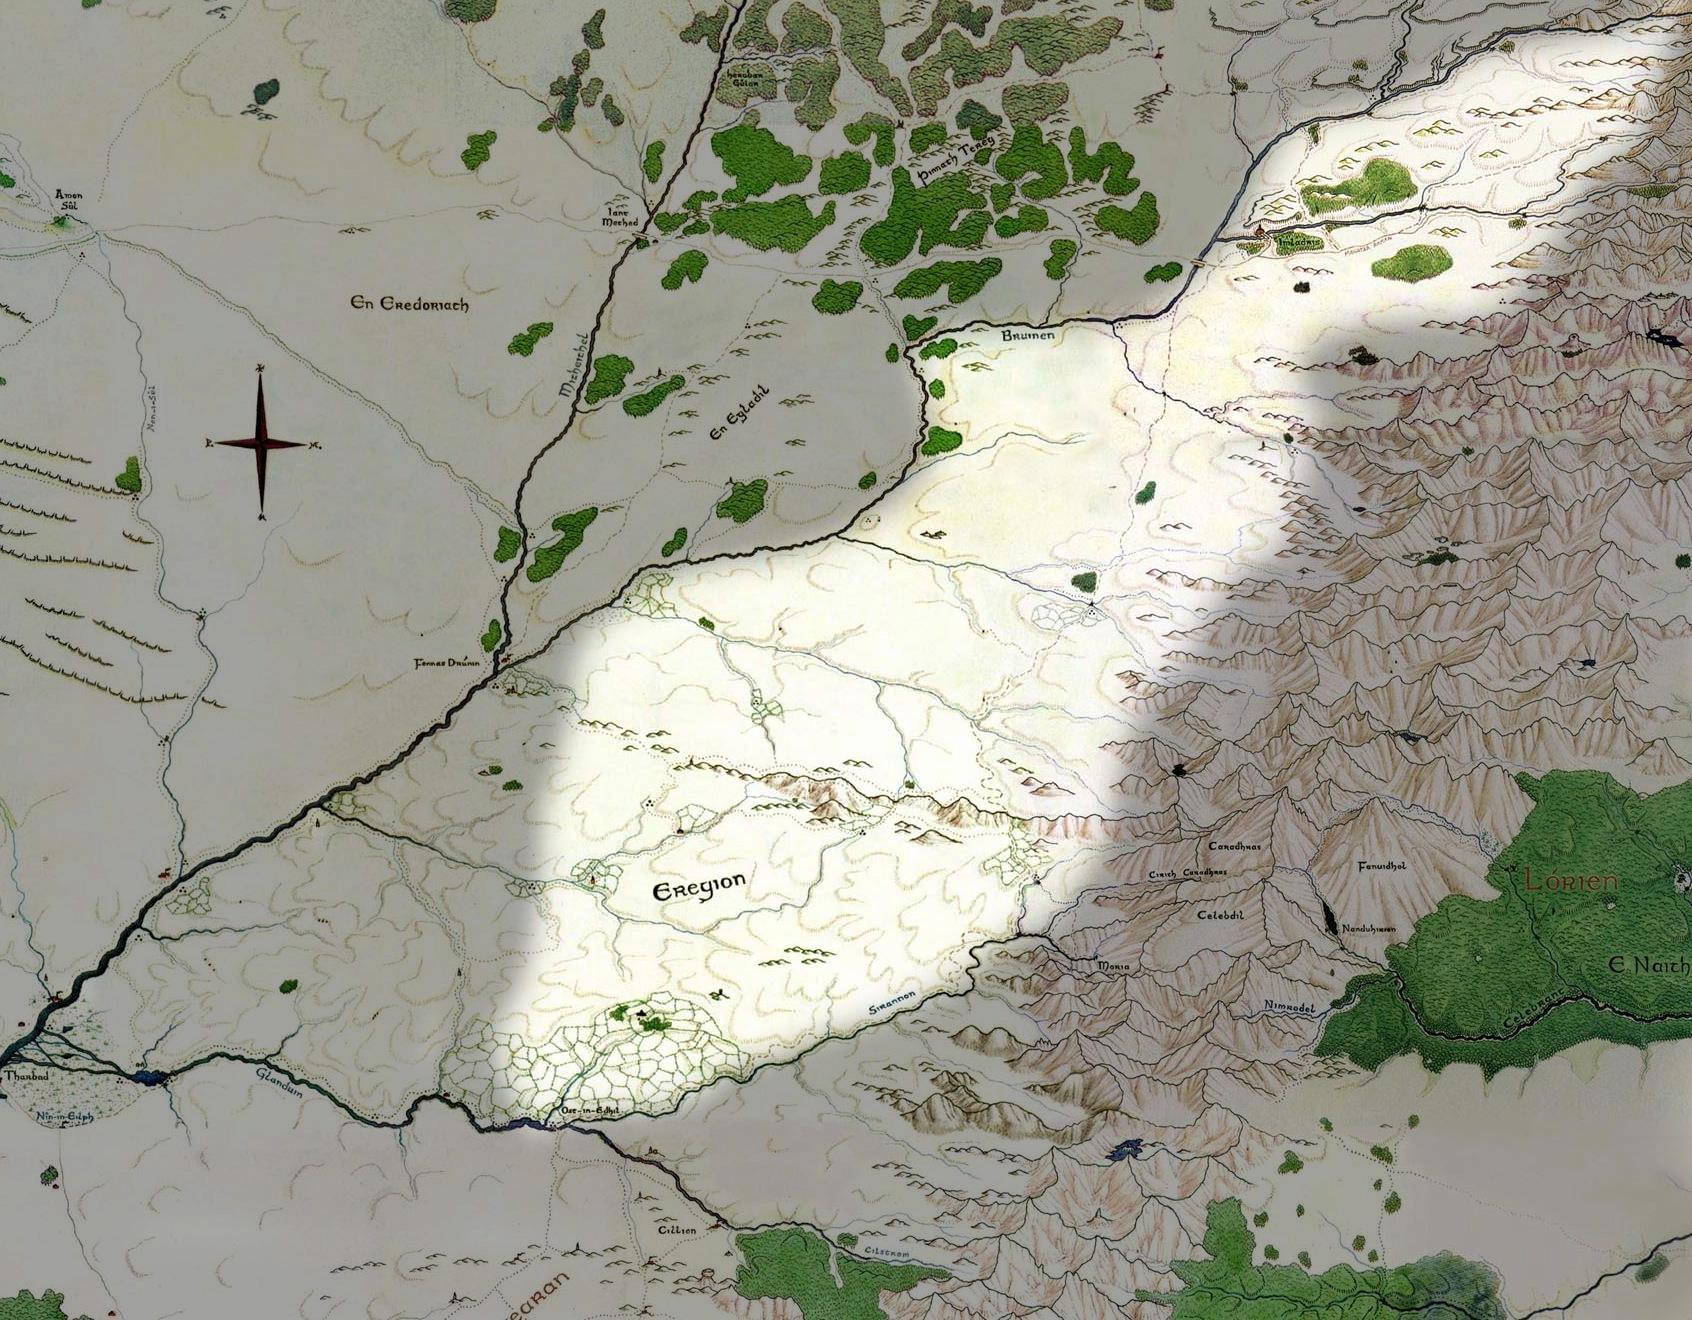 Géographie de l'Eregion Imladr12